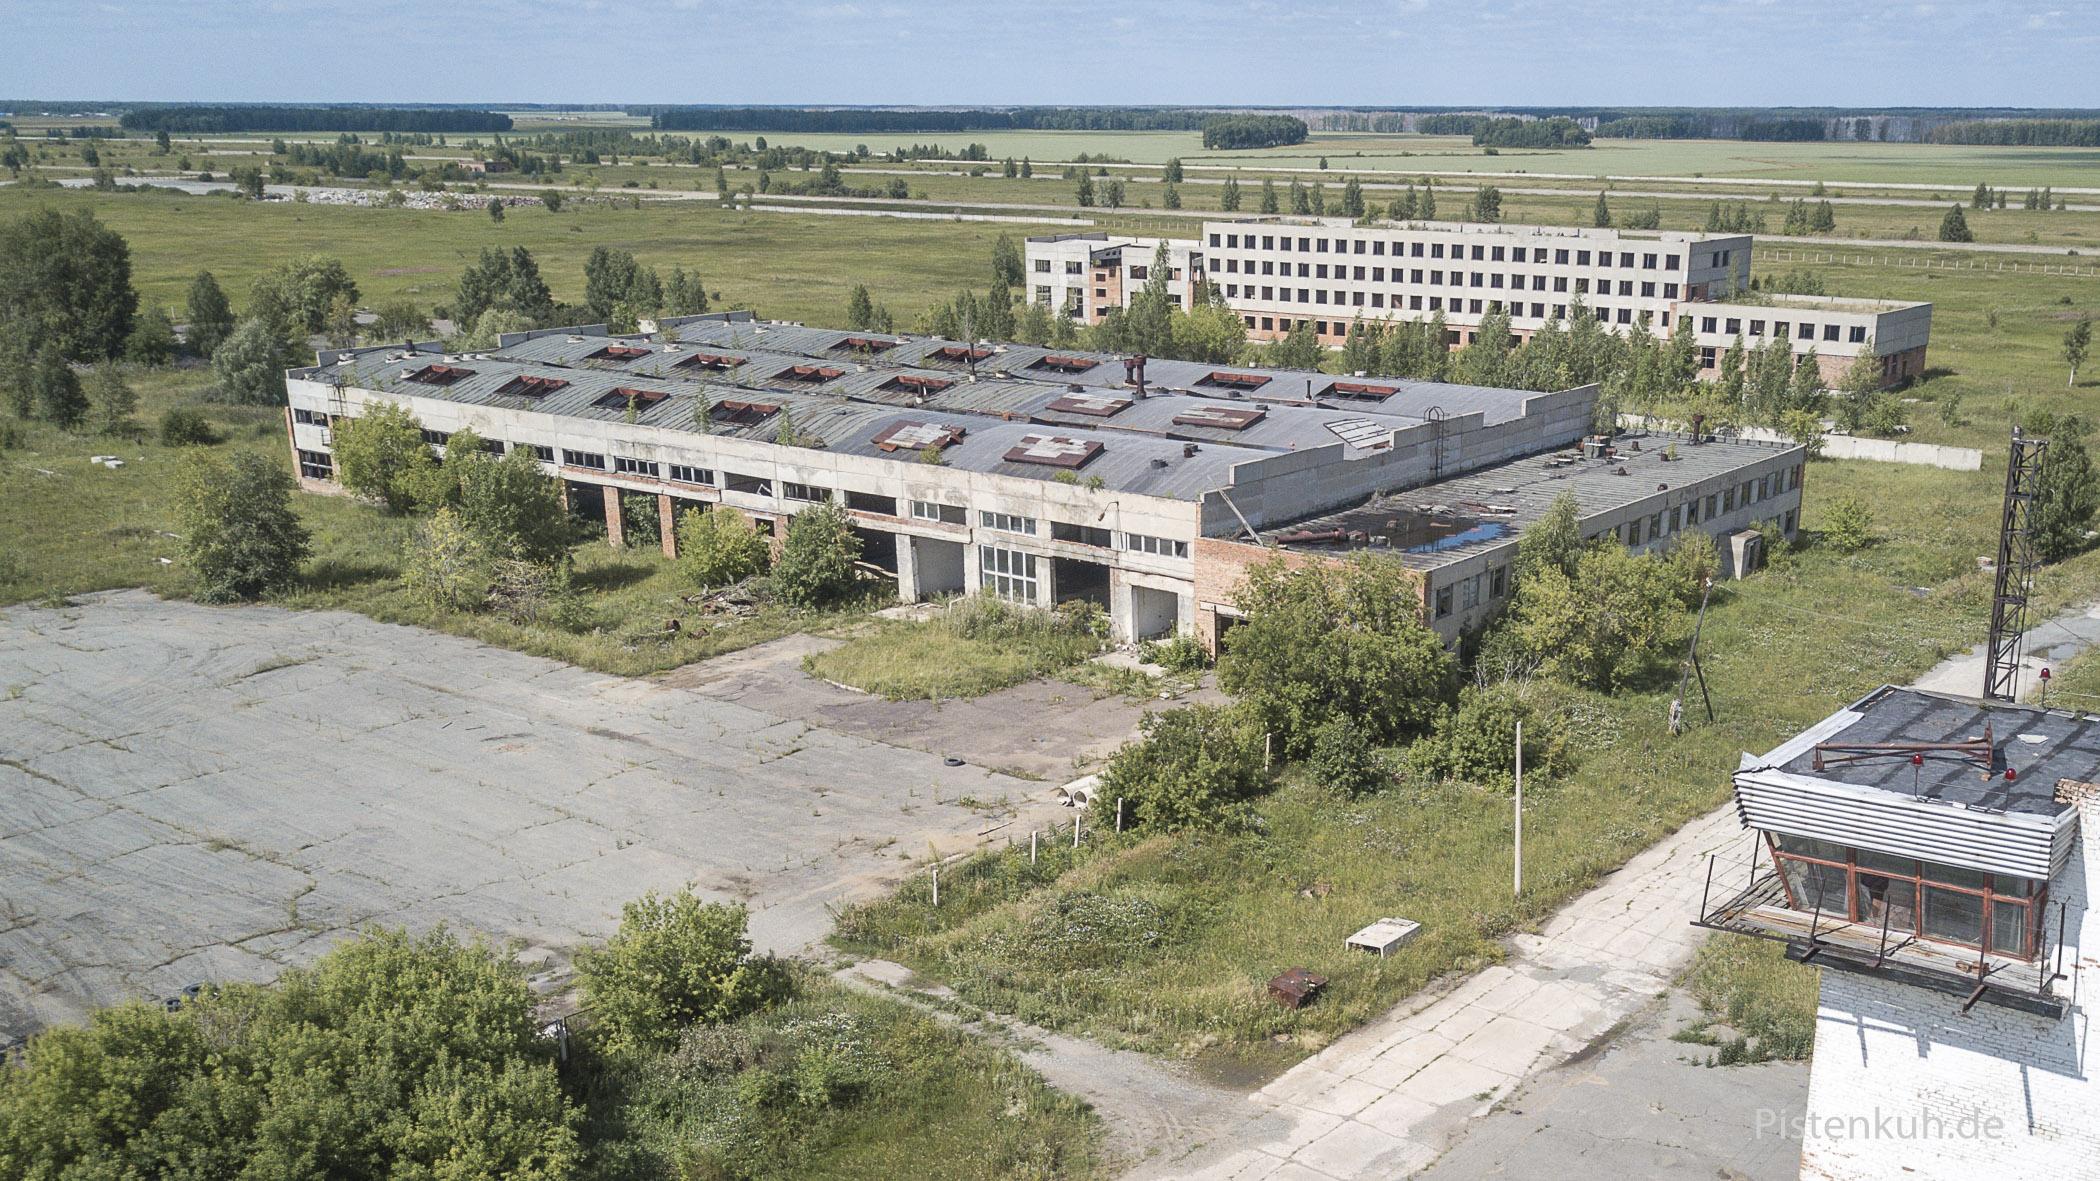 verfallene Hallen- und Bürogebäude auf dem verlassenen Flughafen bei Omsk in Russland